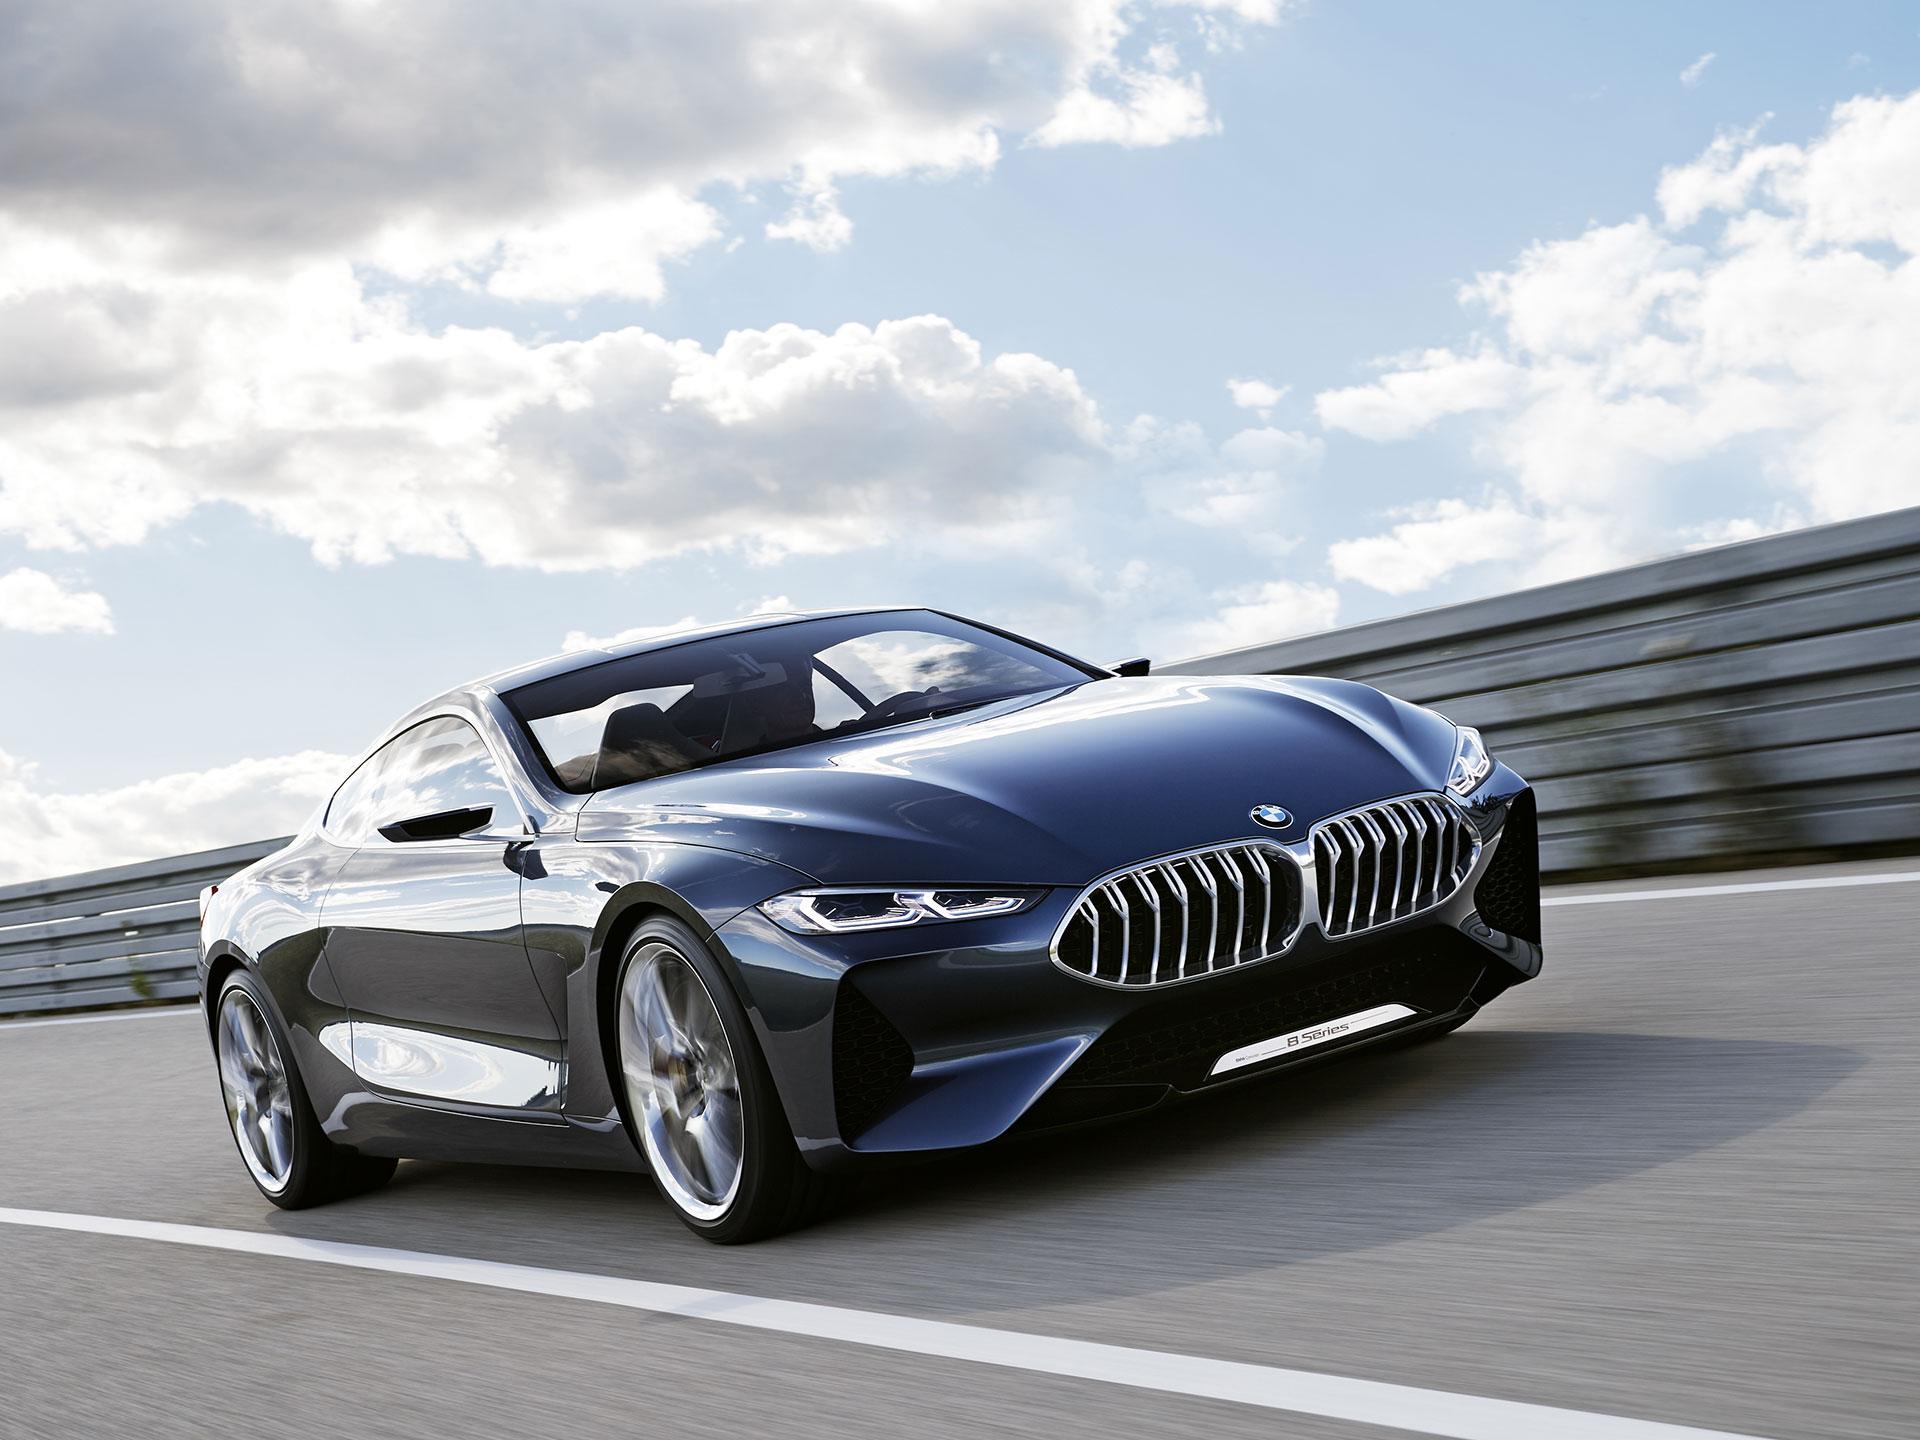 Presentado en el Concorso d'Eleganza Villa d'Este, el CONCEPT ocho SERIES otorga una visión a futuro de lo que sera el cercano gran coupé de la marca, el Serie 8. Foto: BMW